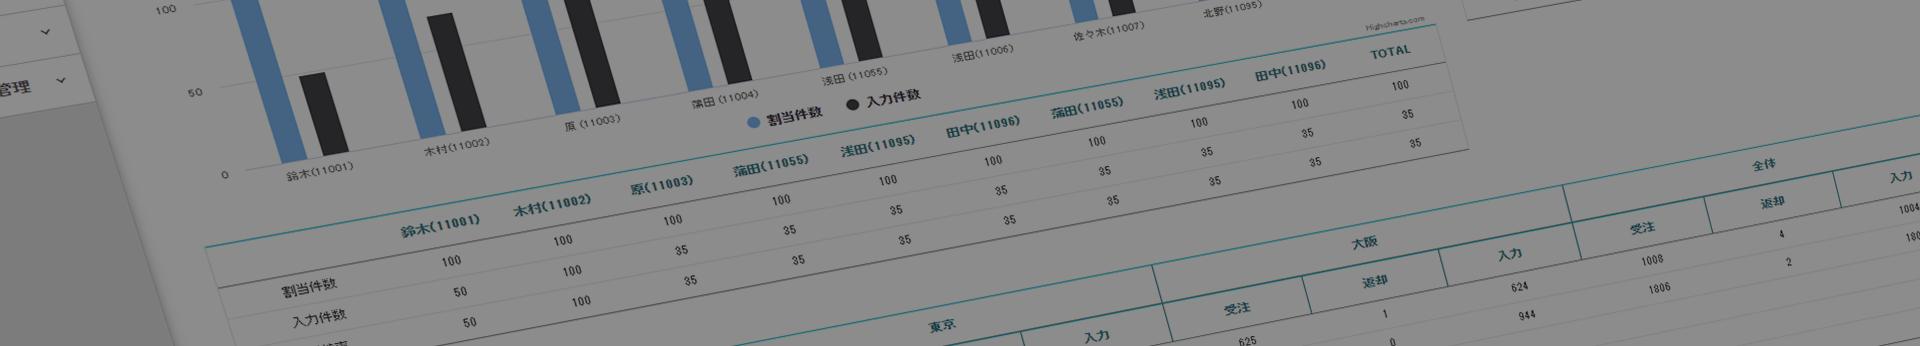 기업정보 데이터 작성 시스템